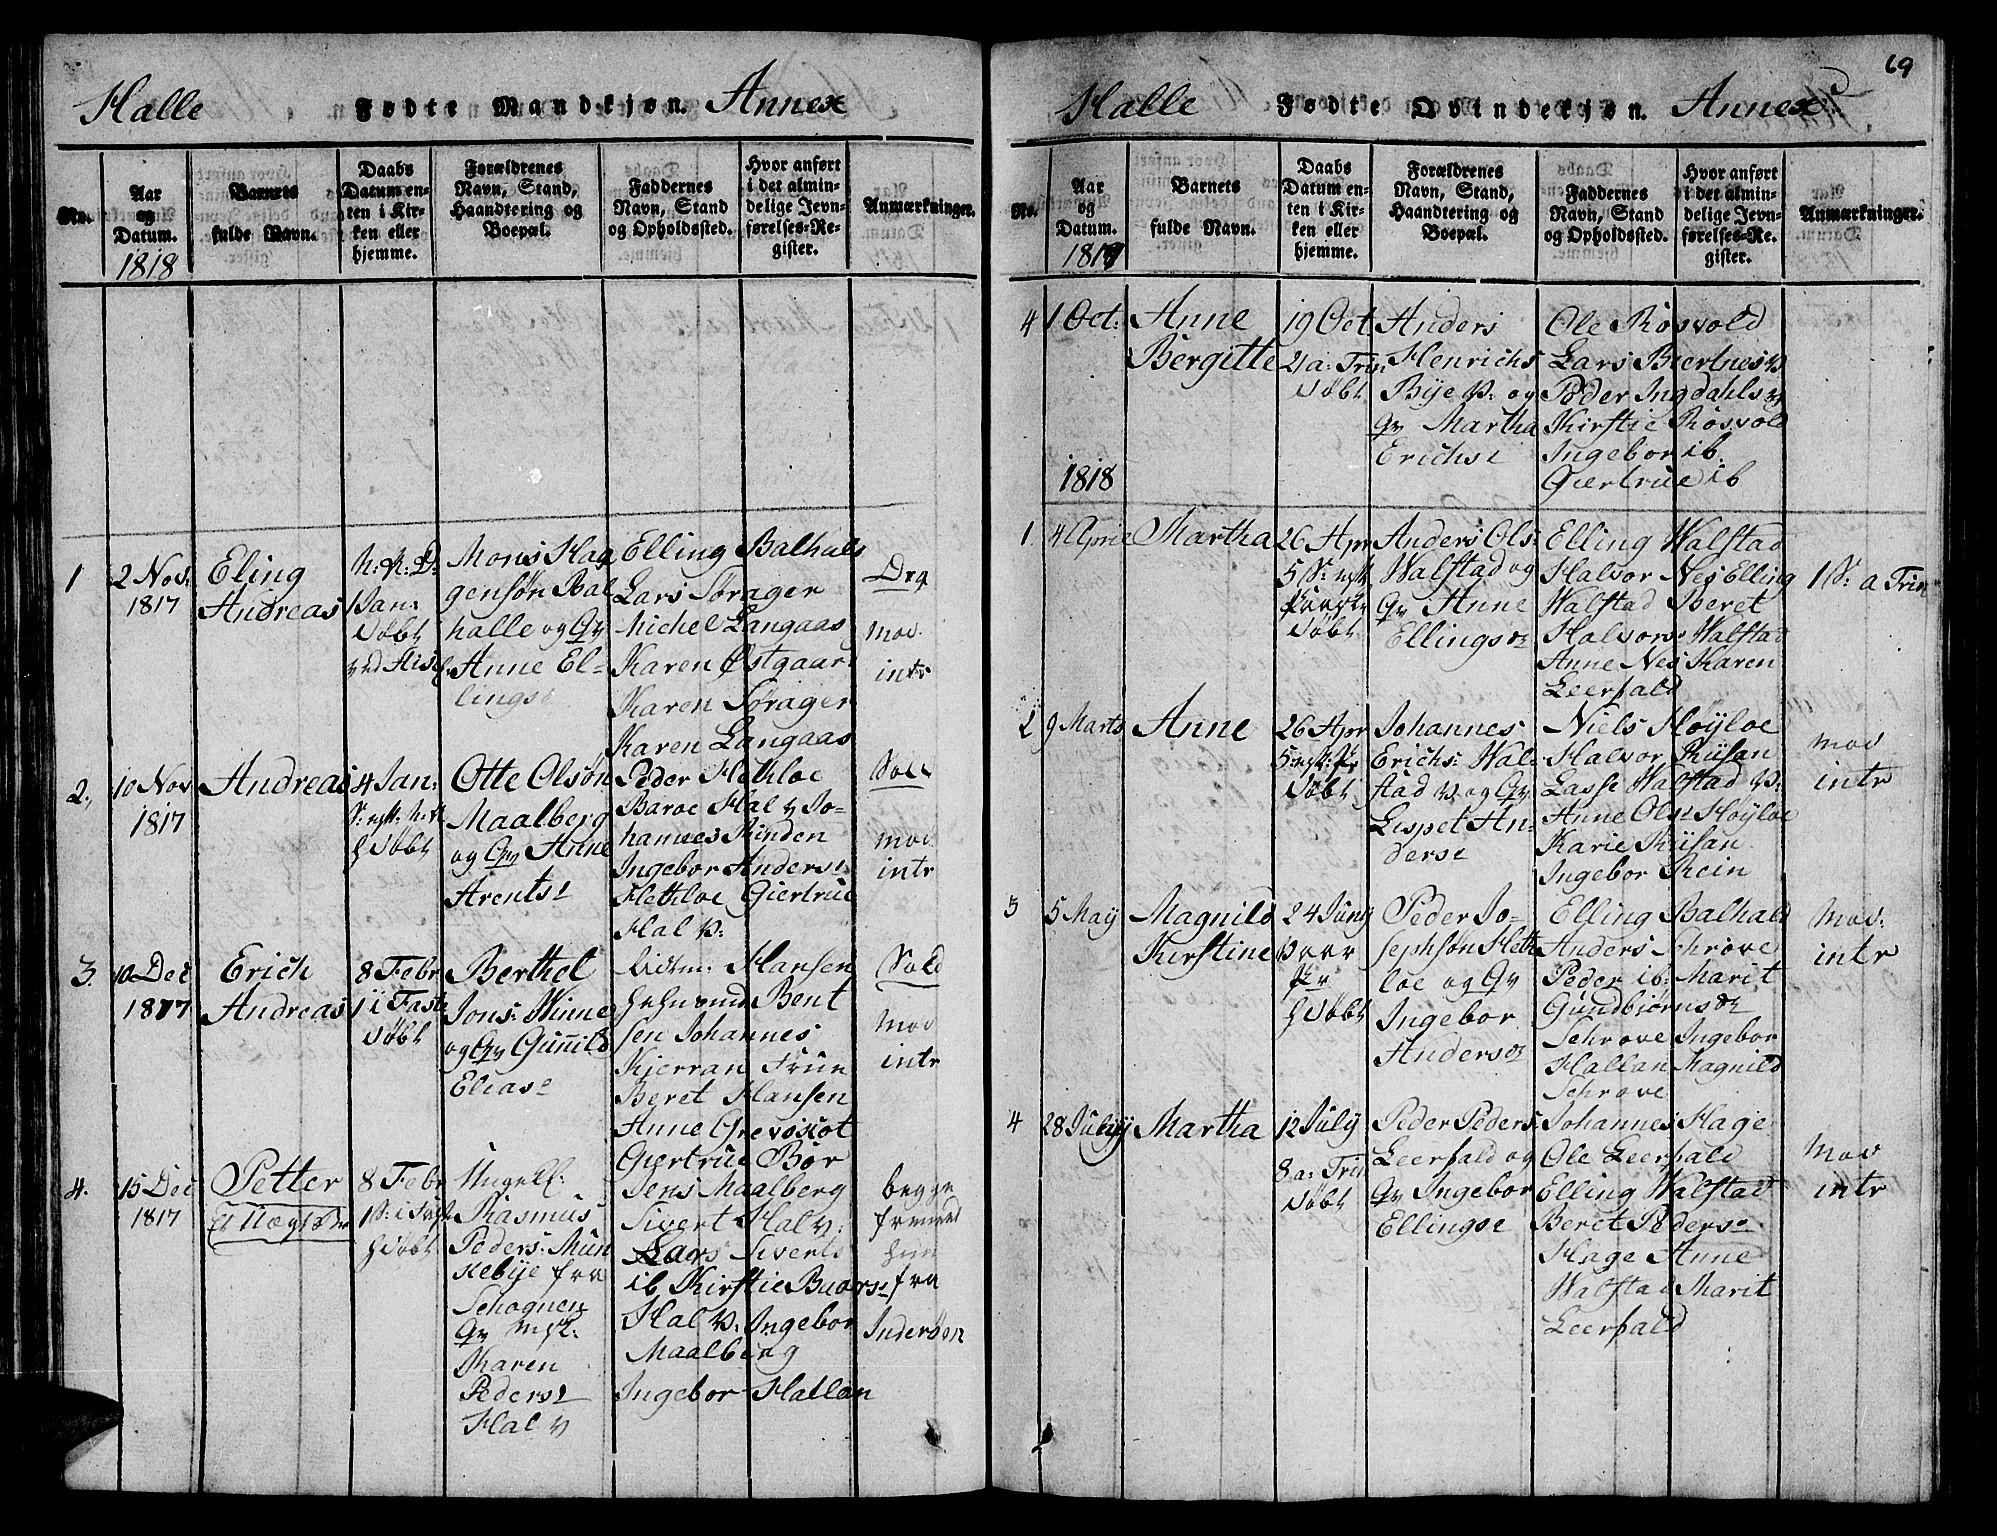 SAT, Ministerialprotokoller, klokkerbøker og fødselsregistre - Nord-Trøndelag, 723/L0251: Klokkerbok nr. 723C01 /3, 1817-1821, s. 69